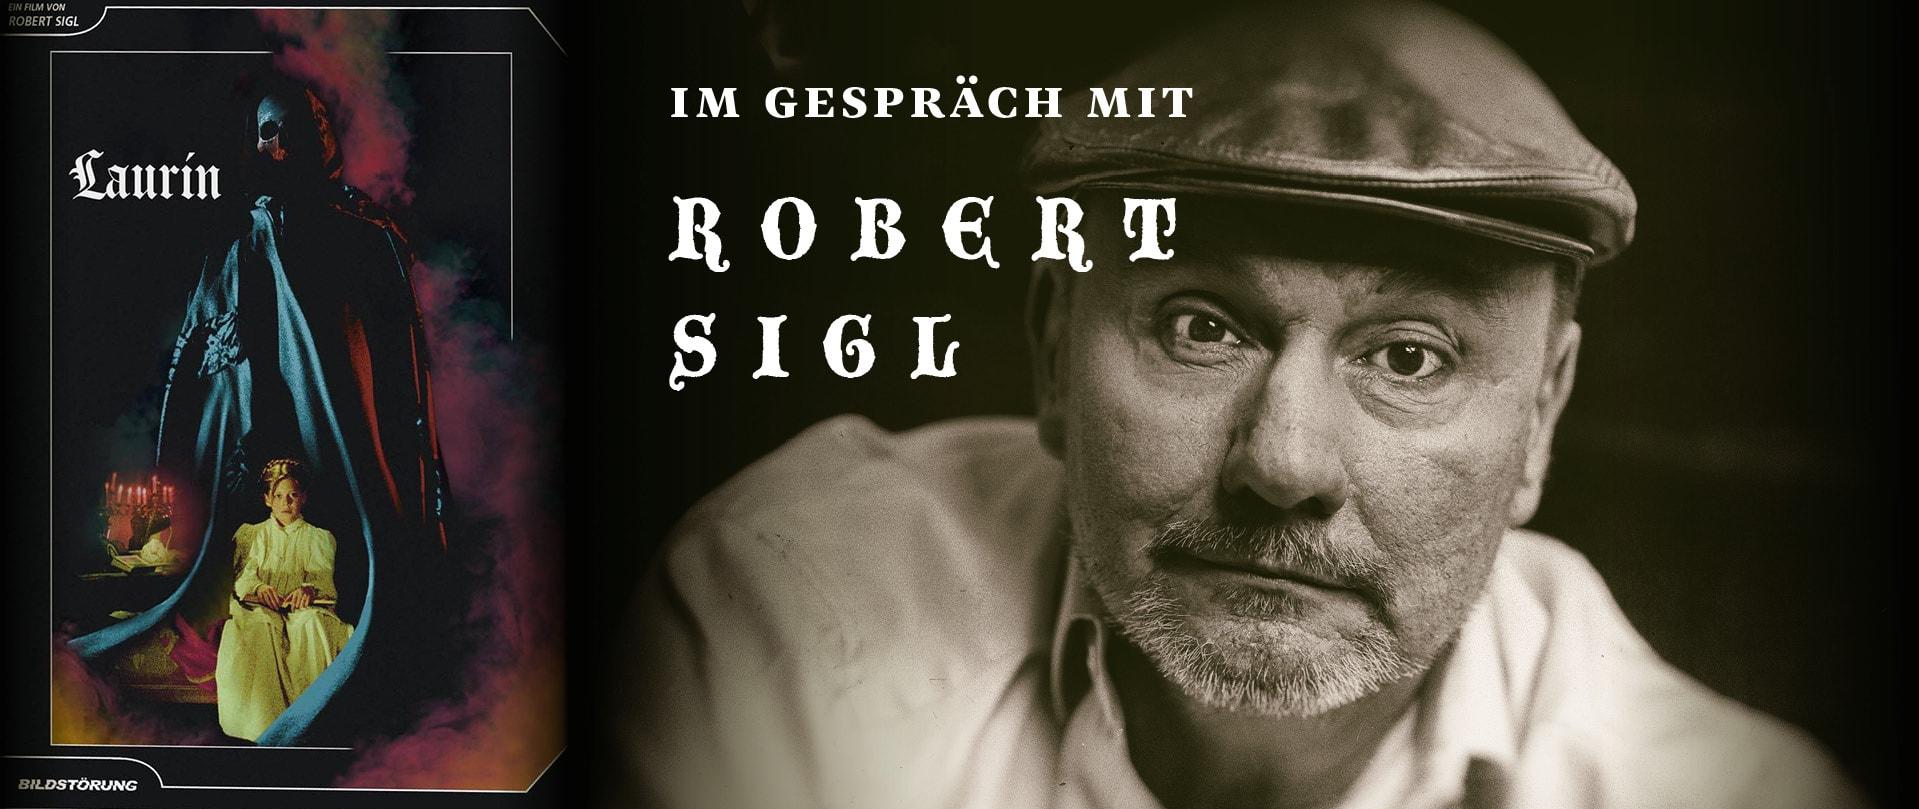 IM GESPRÄCH MIT REGISSEUR ROBERT SIGL ZU LAURIN